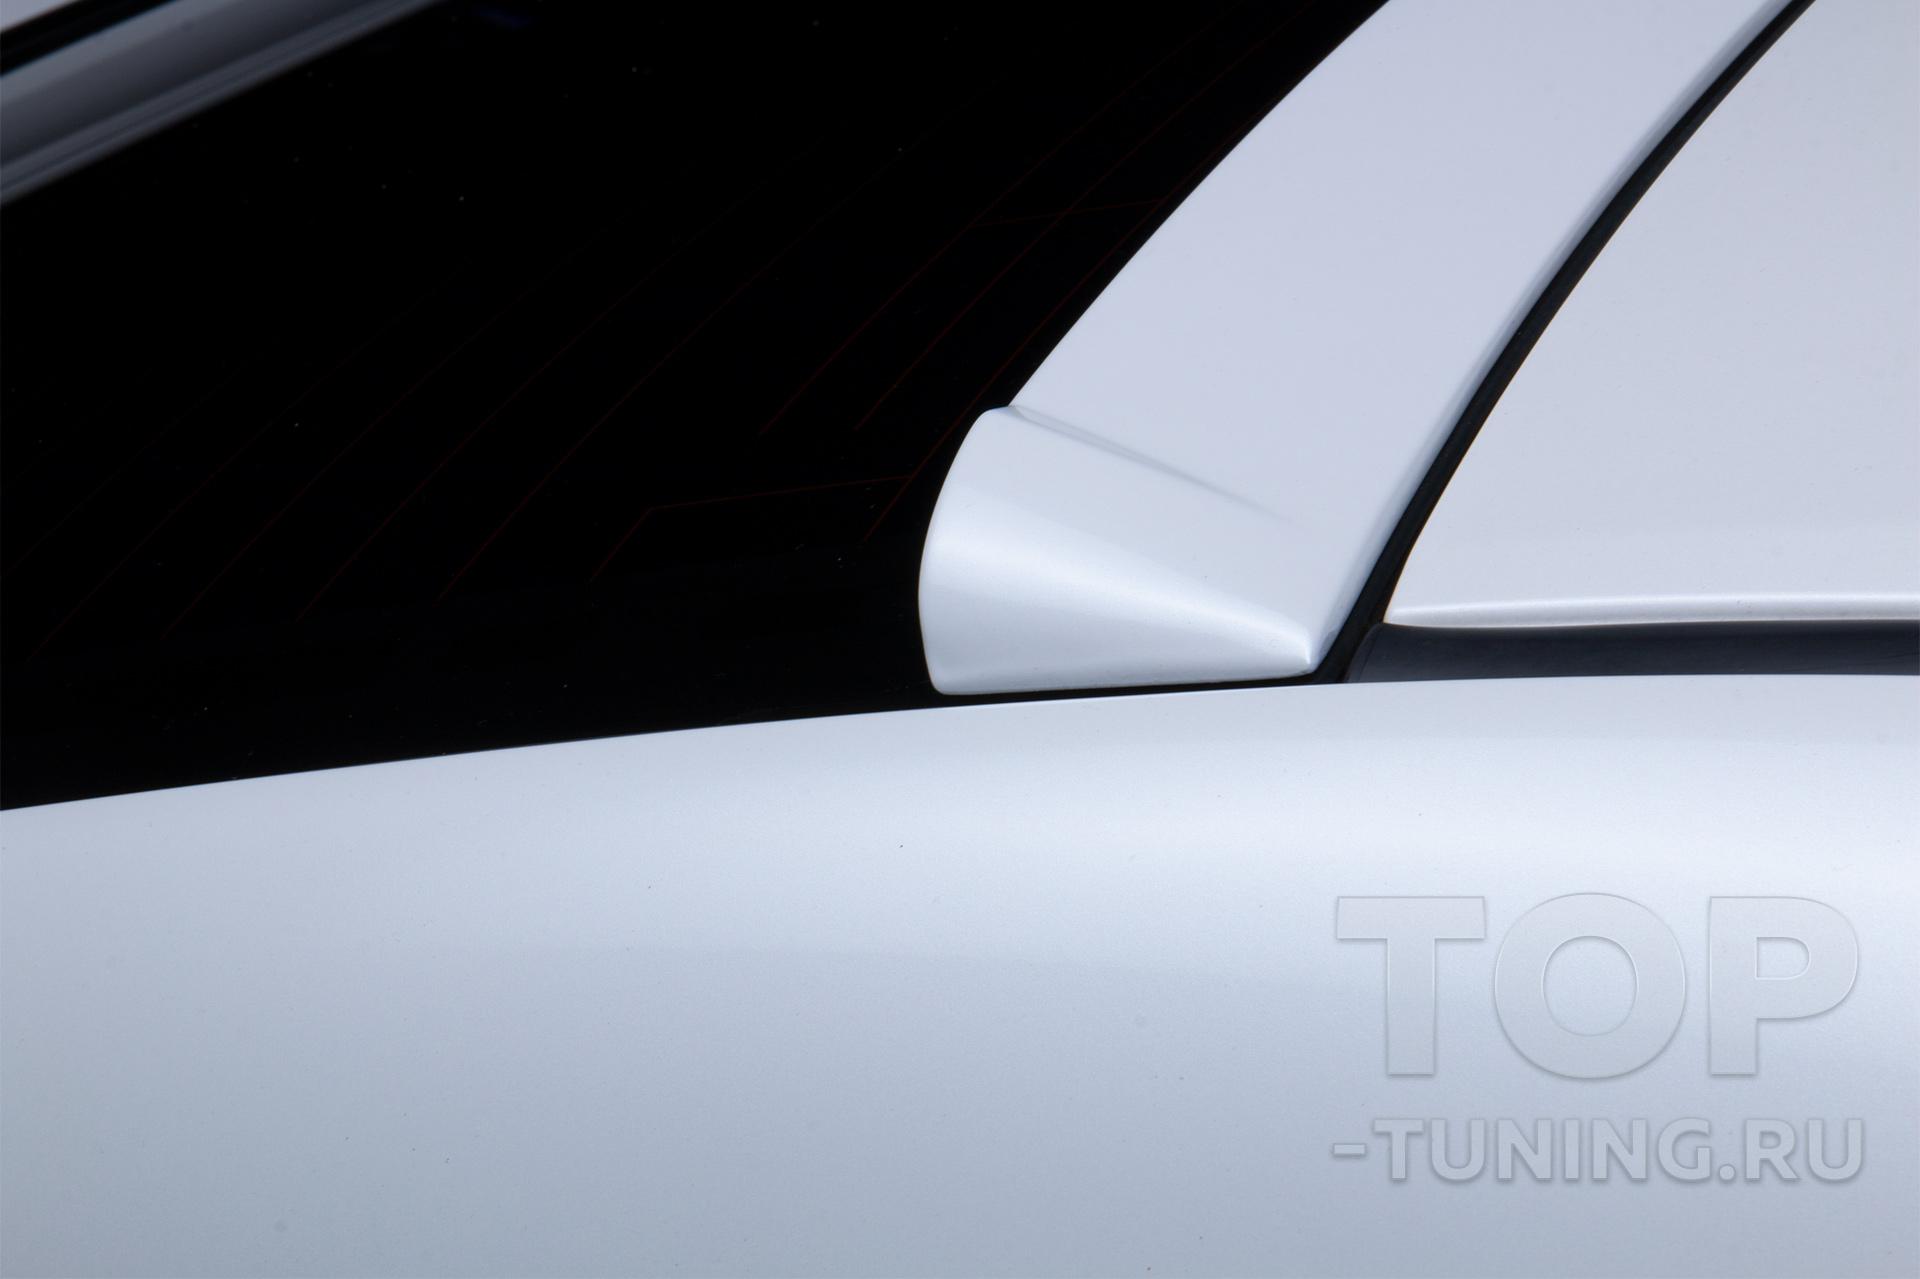 Тюнинг Хонда Аккорд 8 - накладка на стекло, козырек крыши